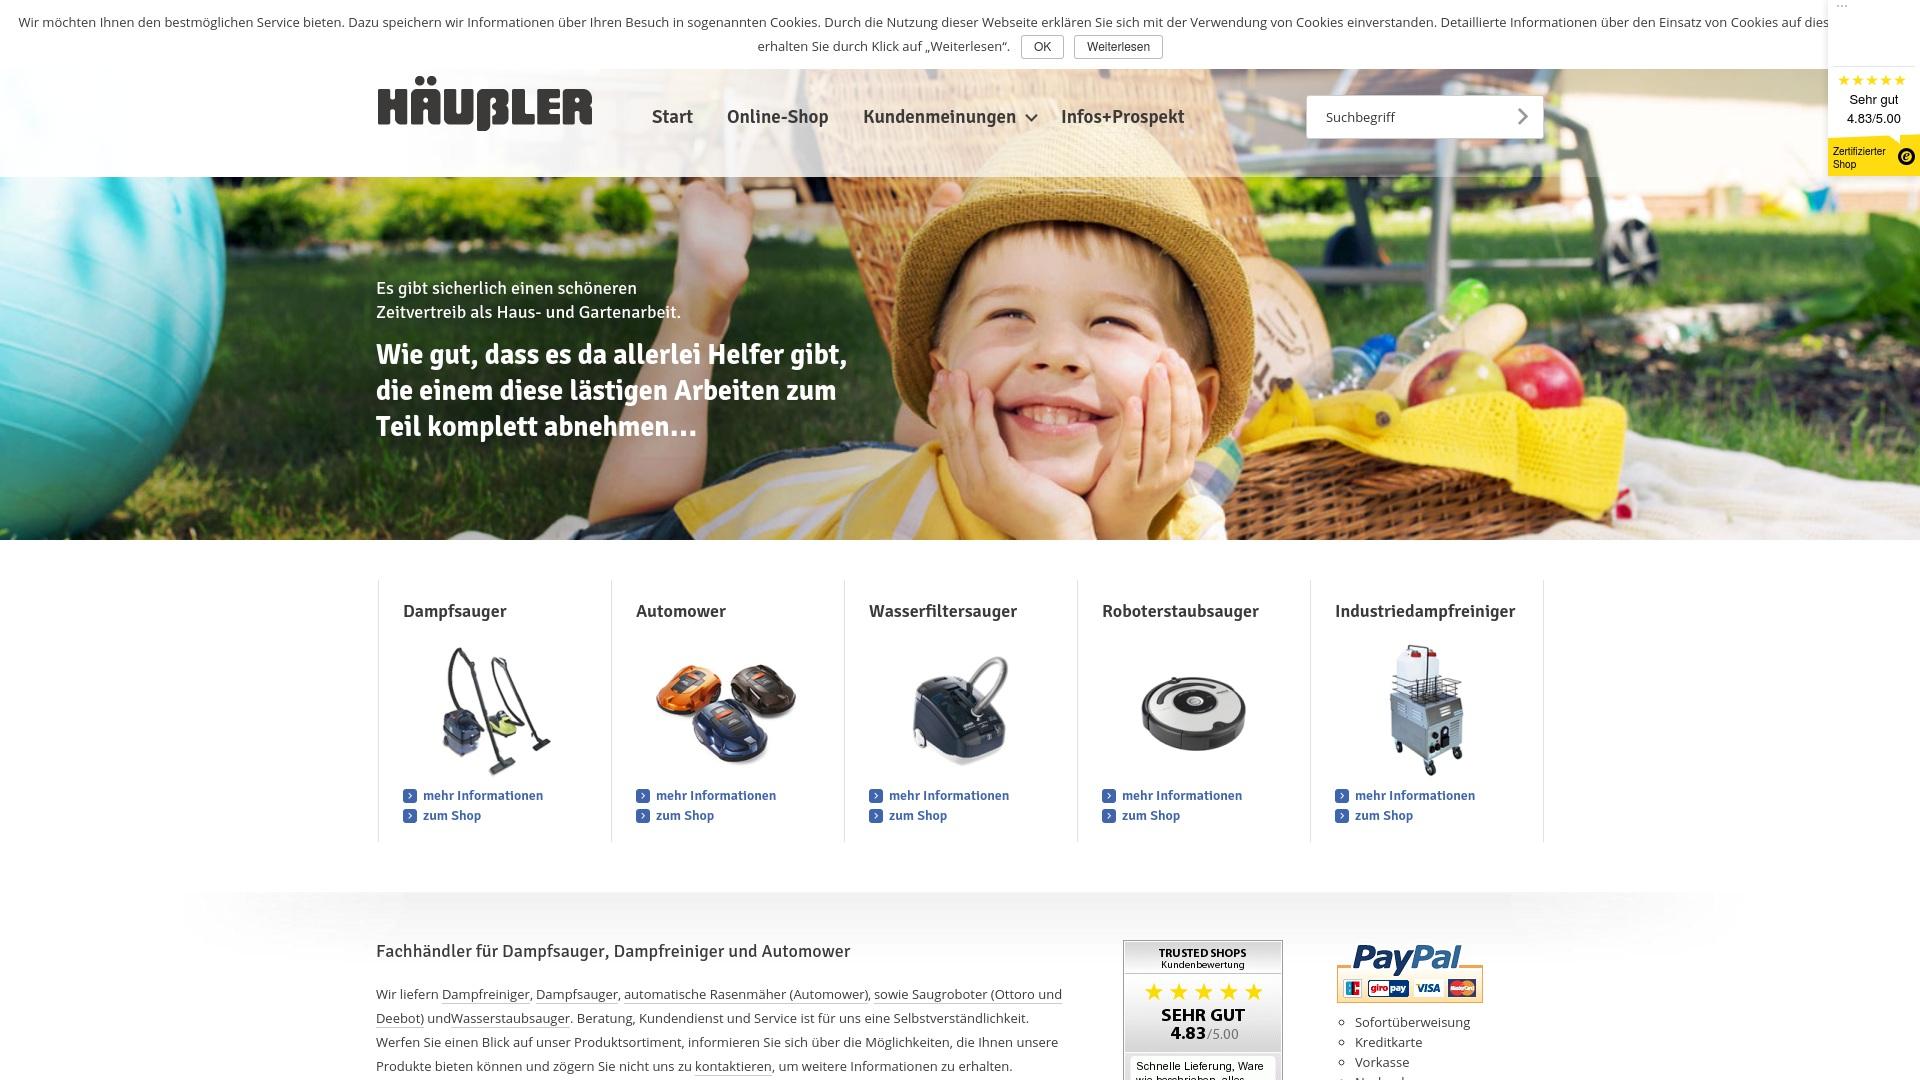 Geld zurück bei Karlhaeussler: Jetzt im Oktober 2021 Cashback für Karlhaeussler sichern